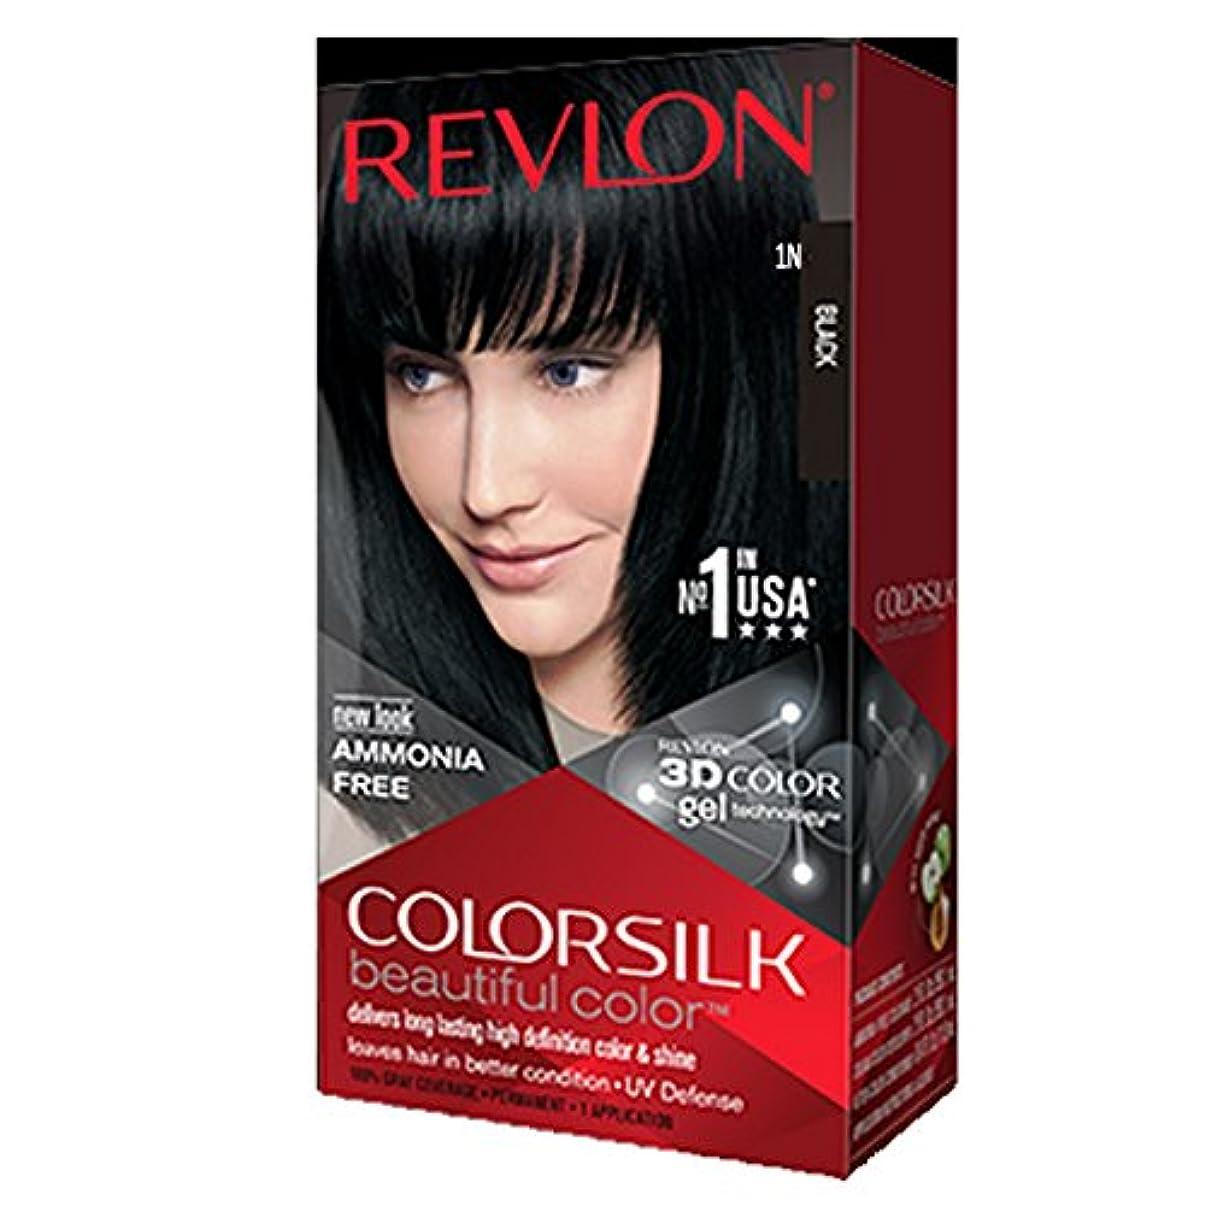 親指繊細ロマンチックRevlon Colorsilk Hair Color with 3D Color Gel Technology Black 1N